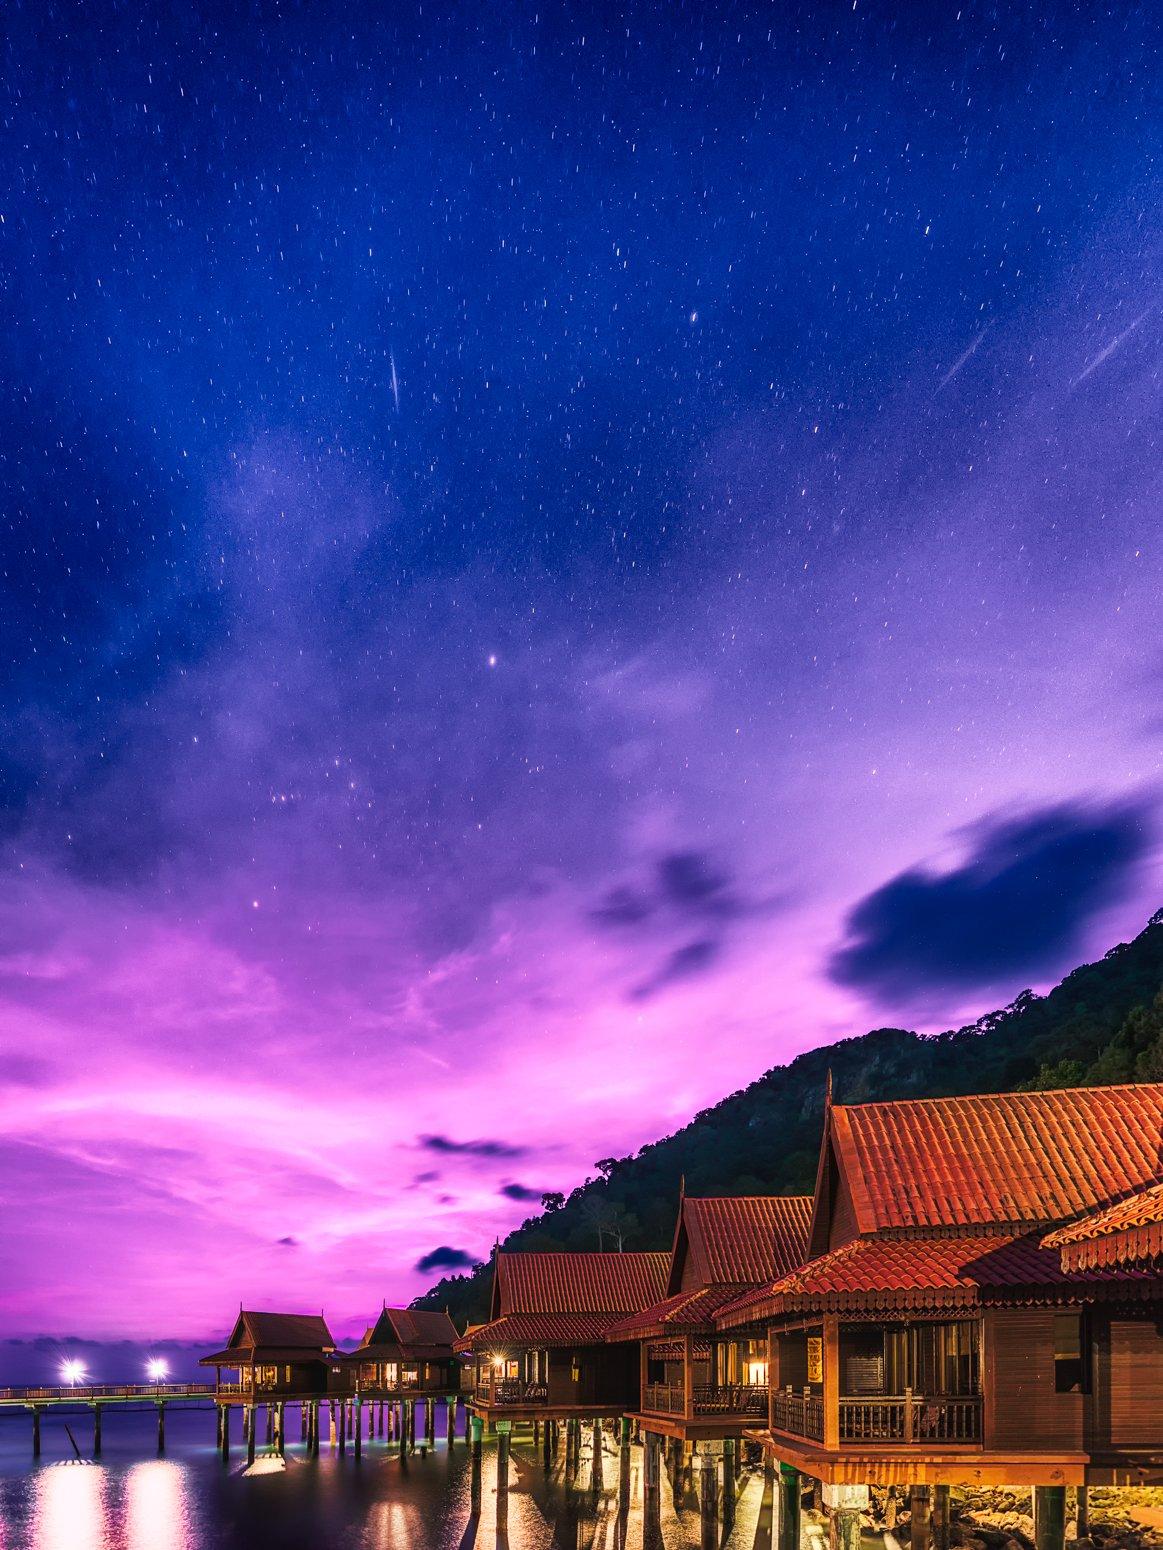 Langkawi stars, Malaysia. Berjaya Langkawi Resort at night.